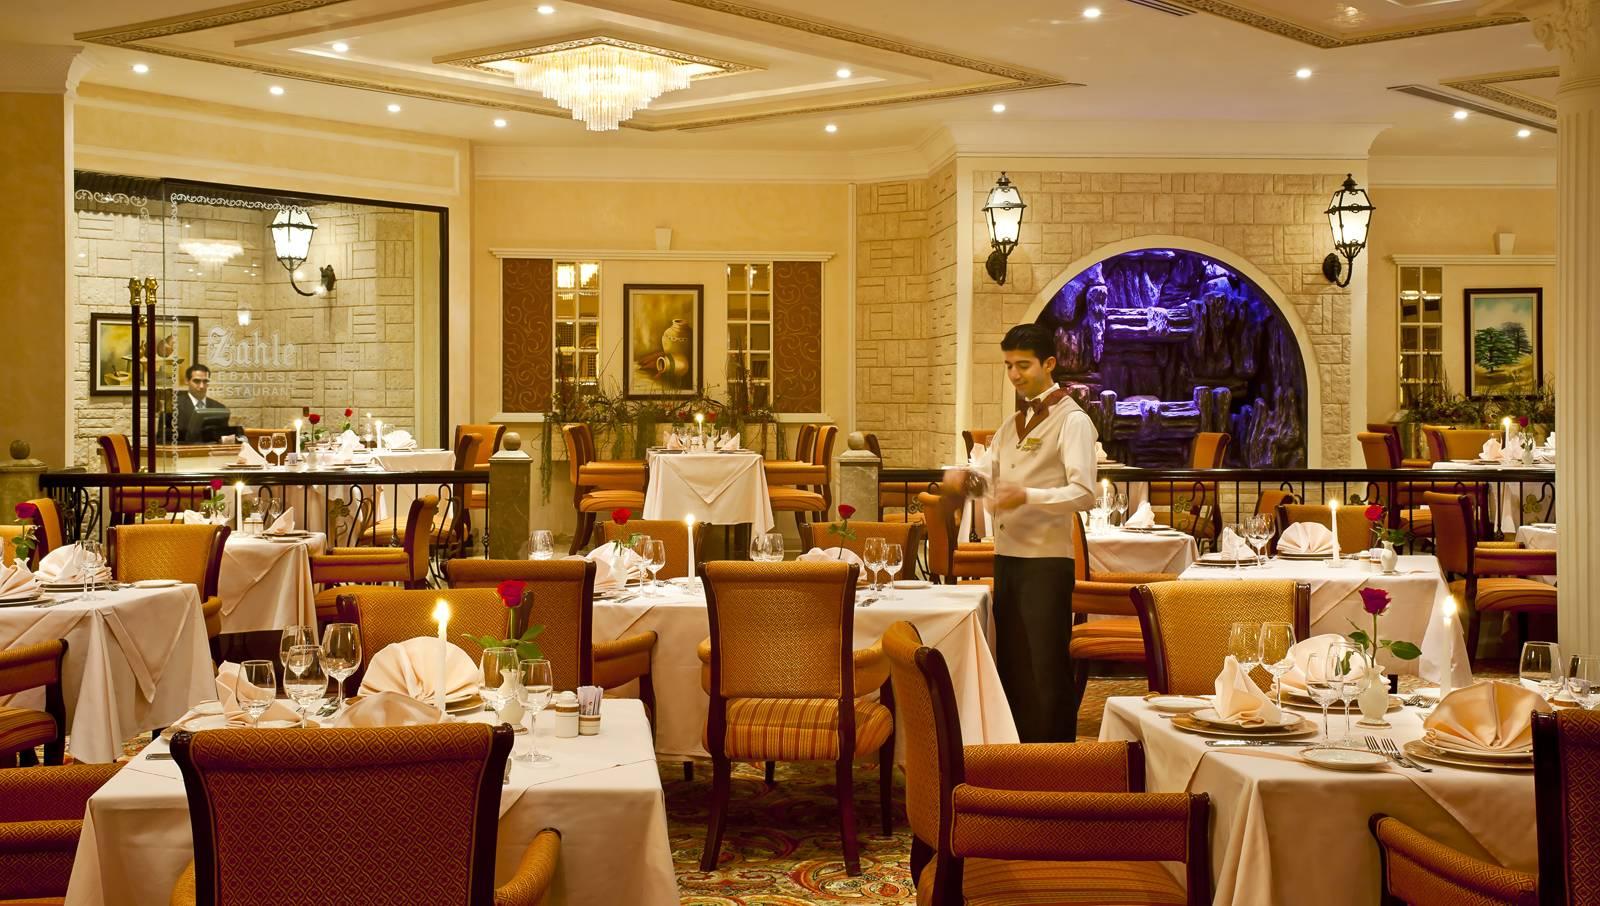 افضل المطاعم التي توجد في الرياض (3)